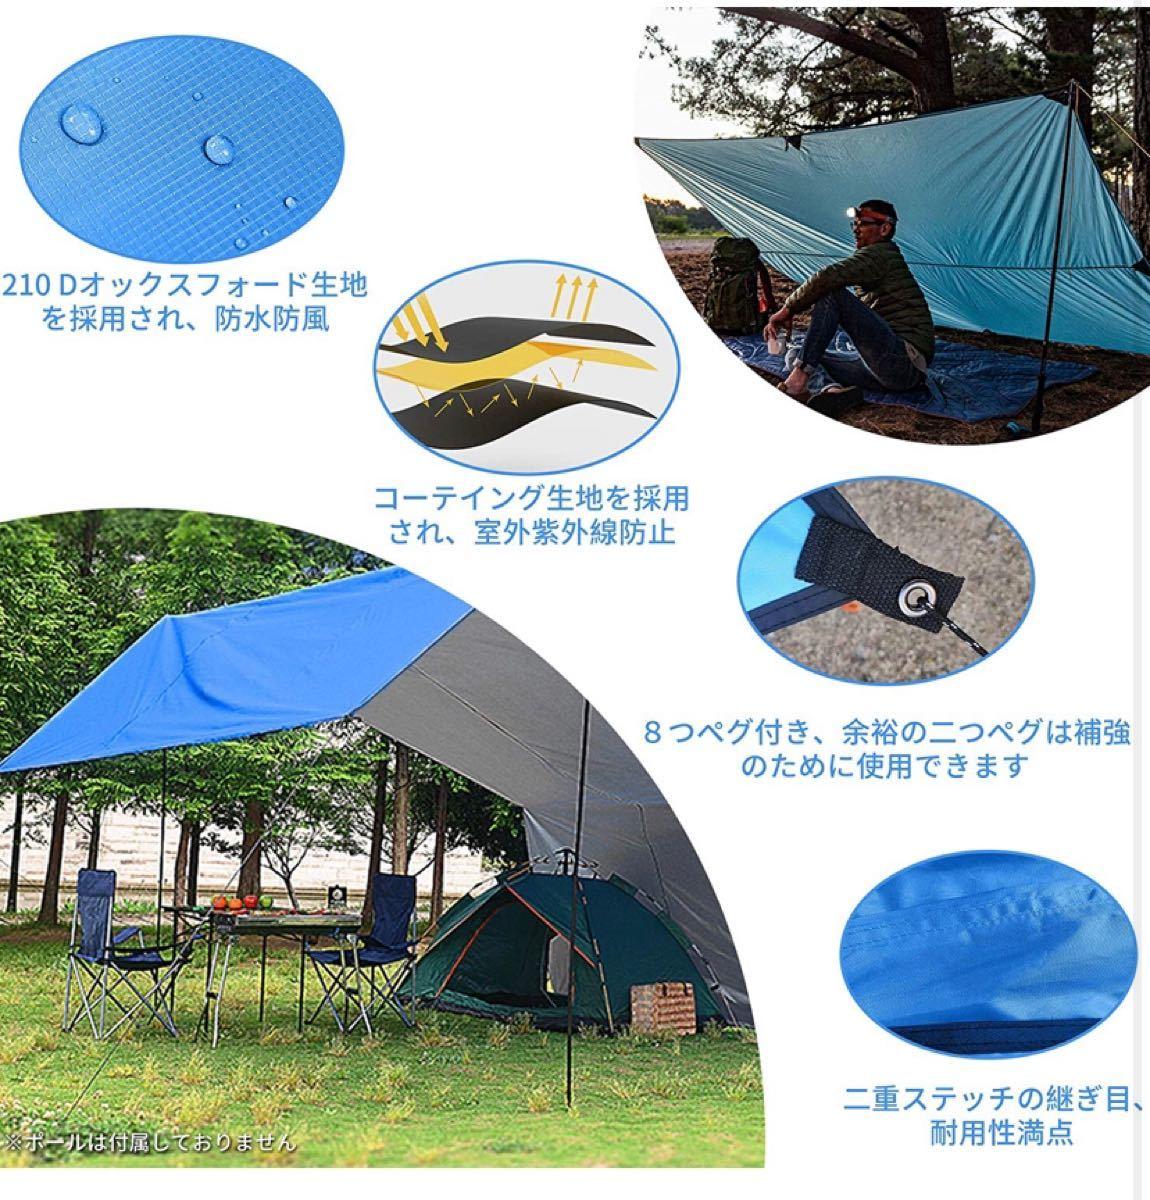 タープ 防水タープ キャンプ タープテント 軽量 シ遮熱性/耐水性 サンシェード